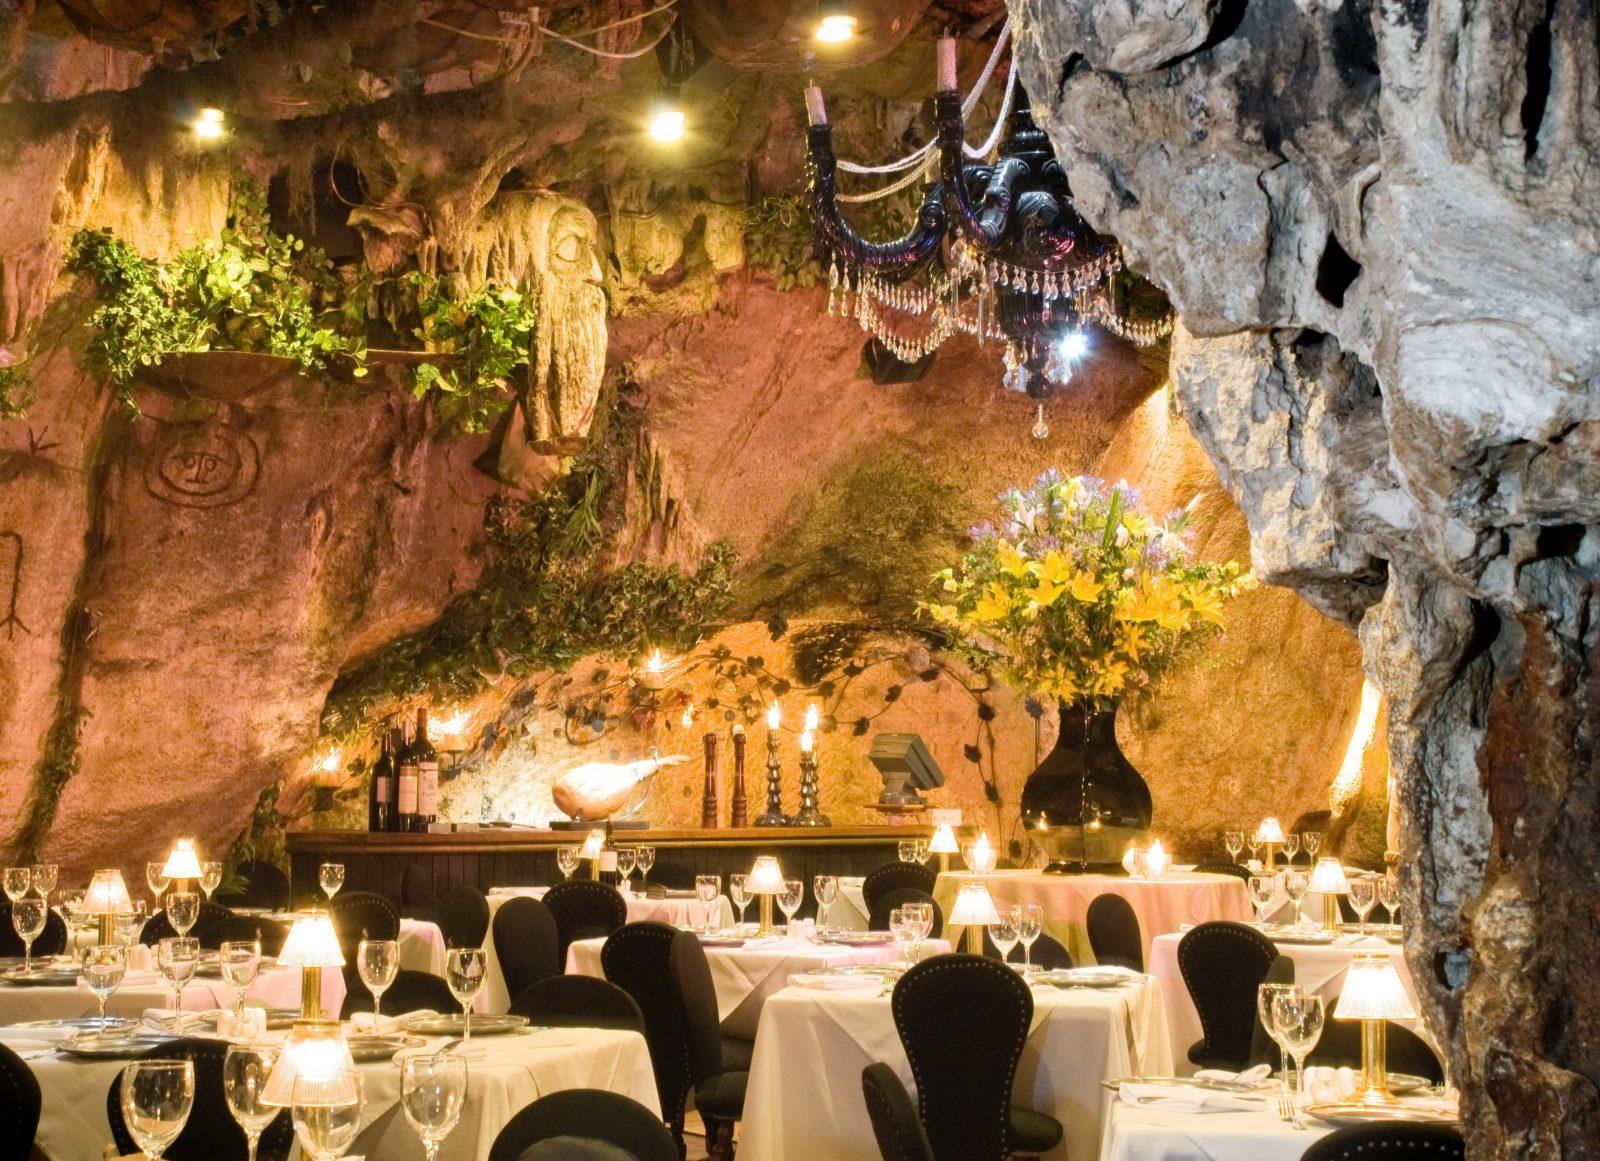 cave restaurant El Meson De La Cava